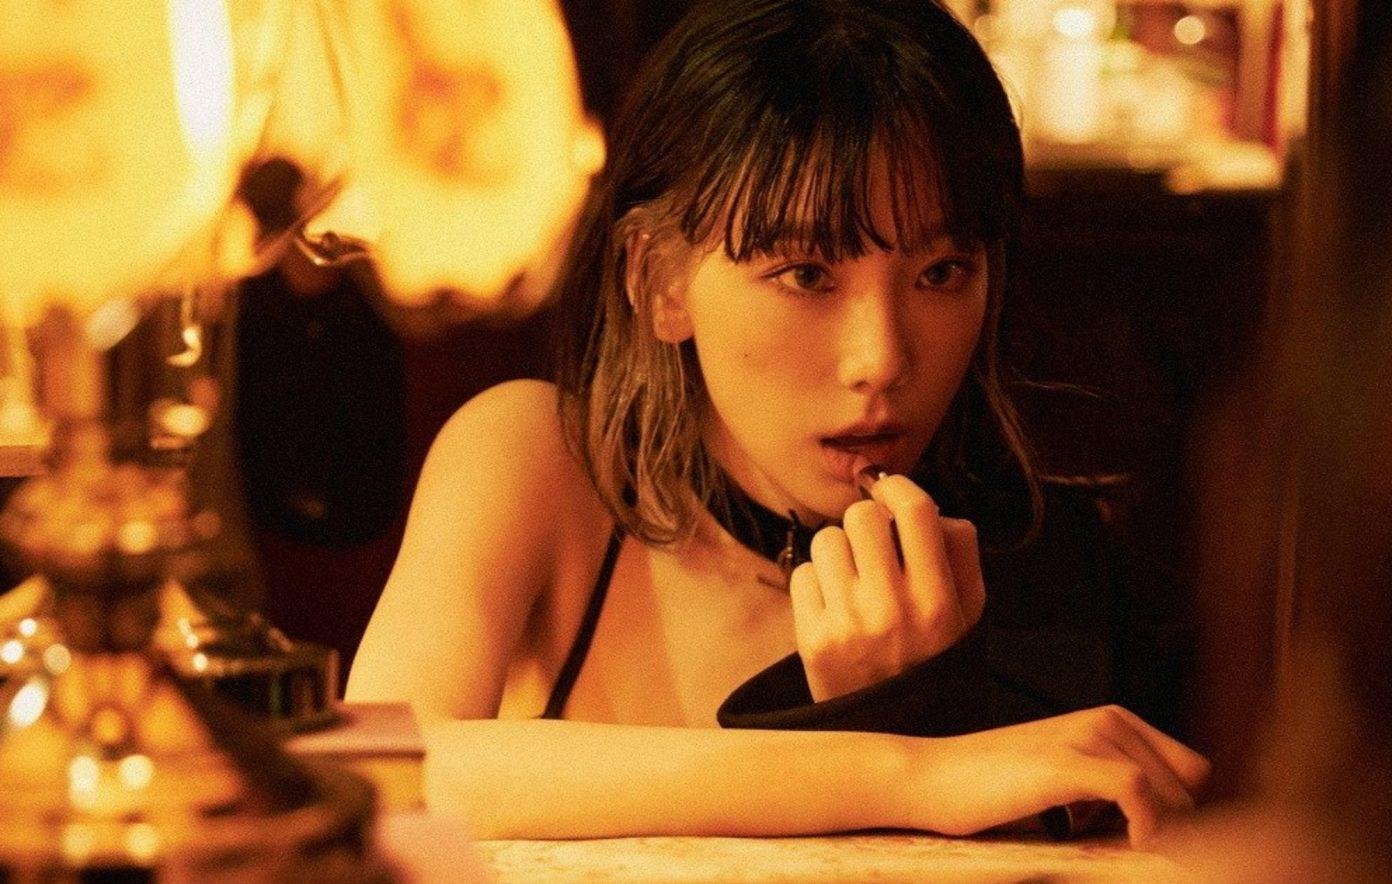 Taeyeon có những chia sẻ thẳng thắn trên mạng xã hội, khiến nhiều người đặt câu hỏi không biết cô đang chỉ trích ai.